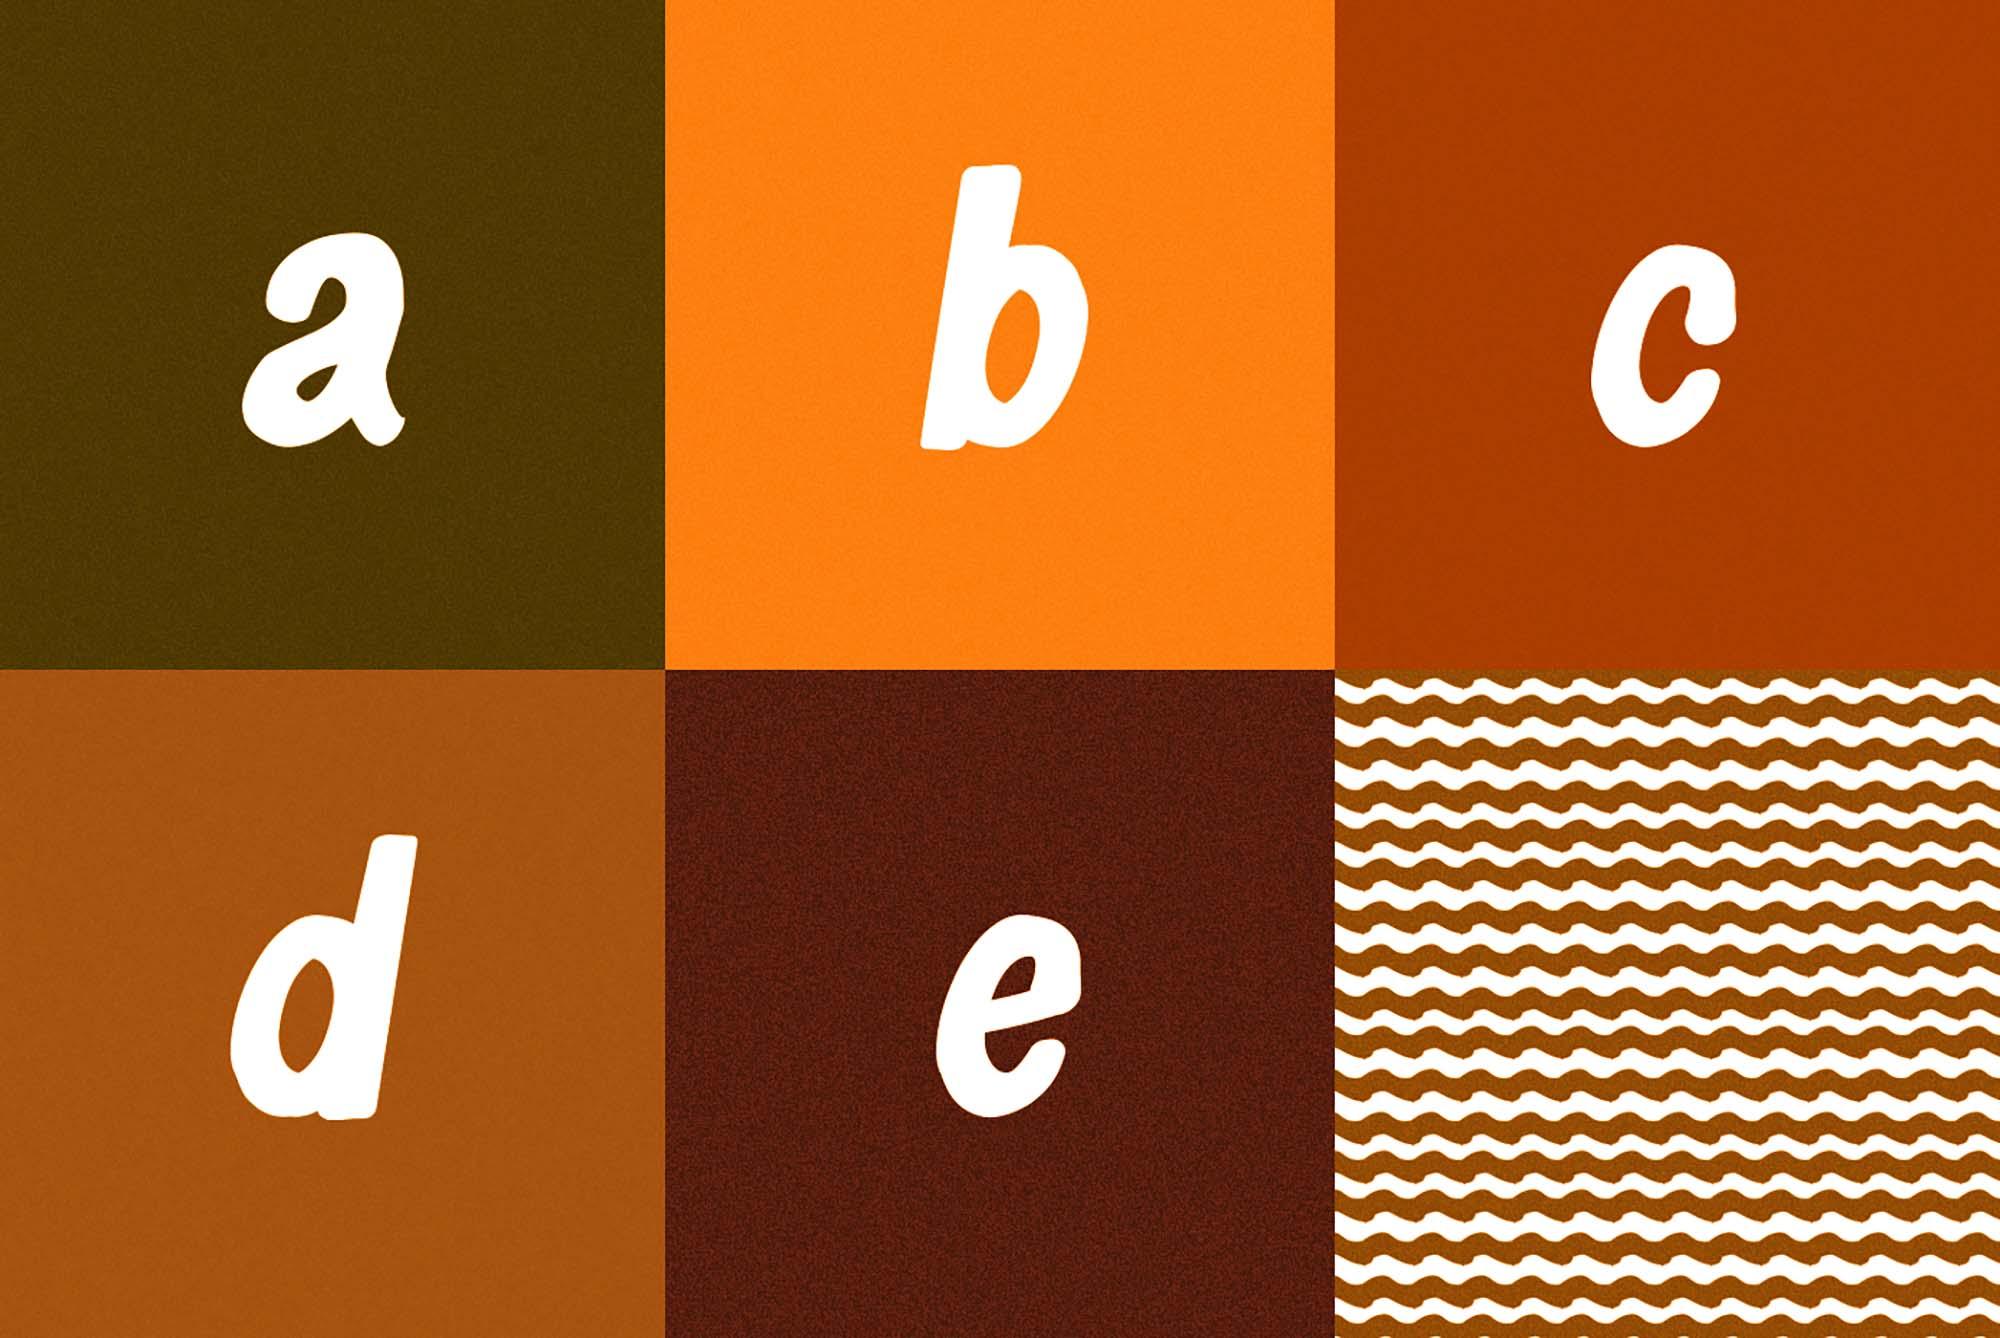 Bantayog Typeface 3